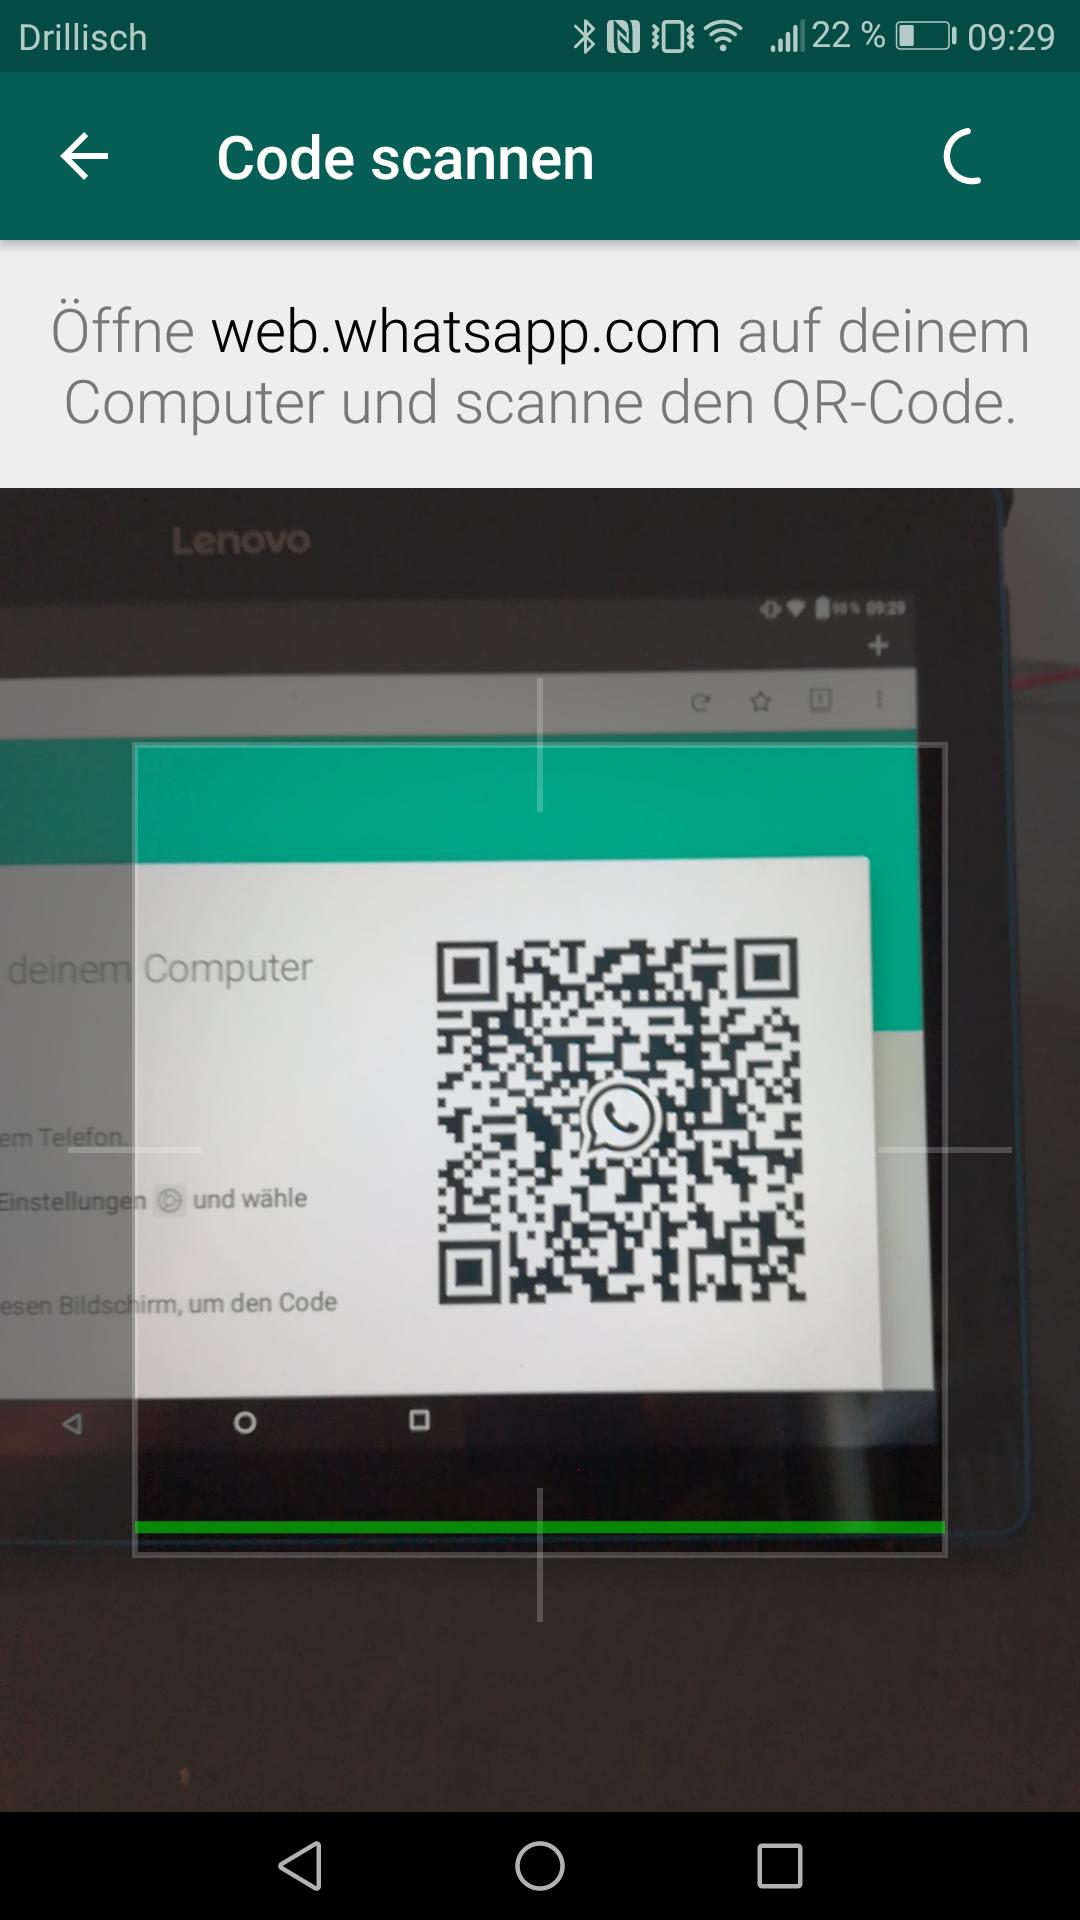 Abb 18 - WhatsApp Web Code scannen